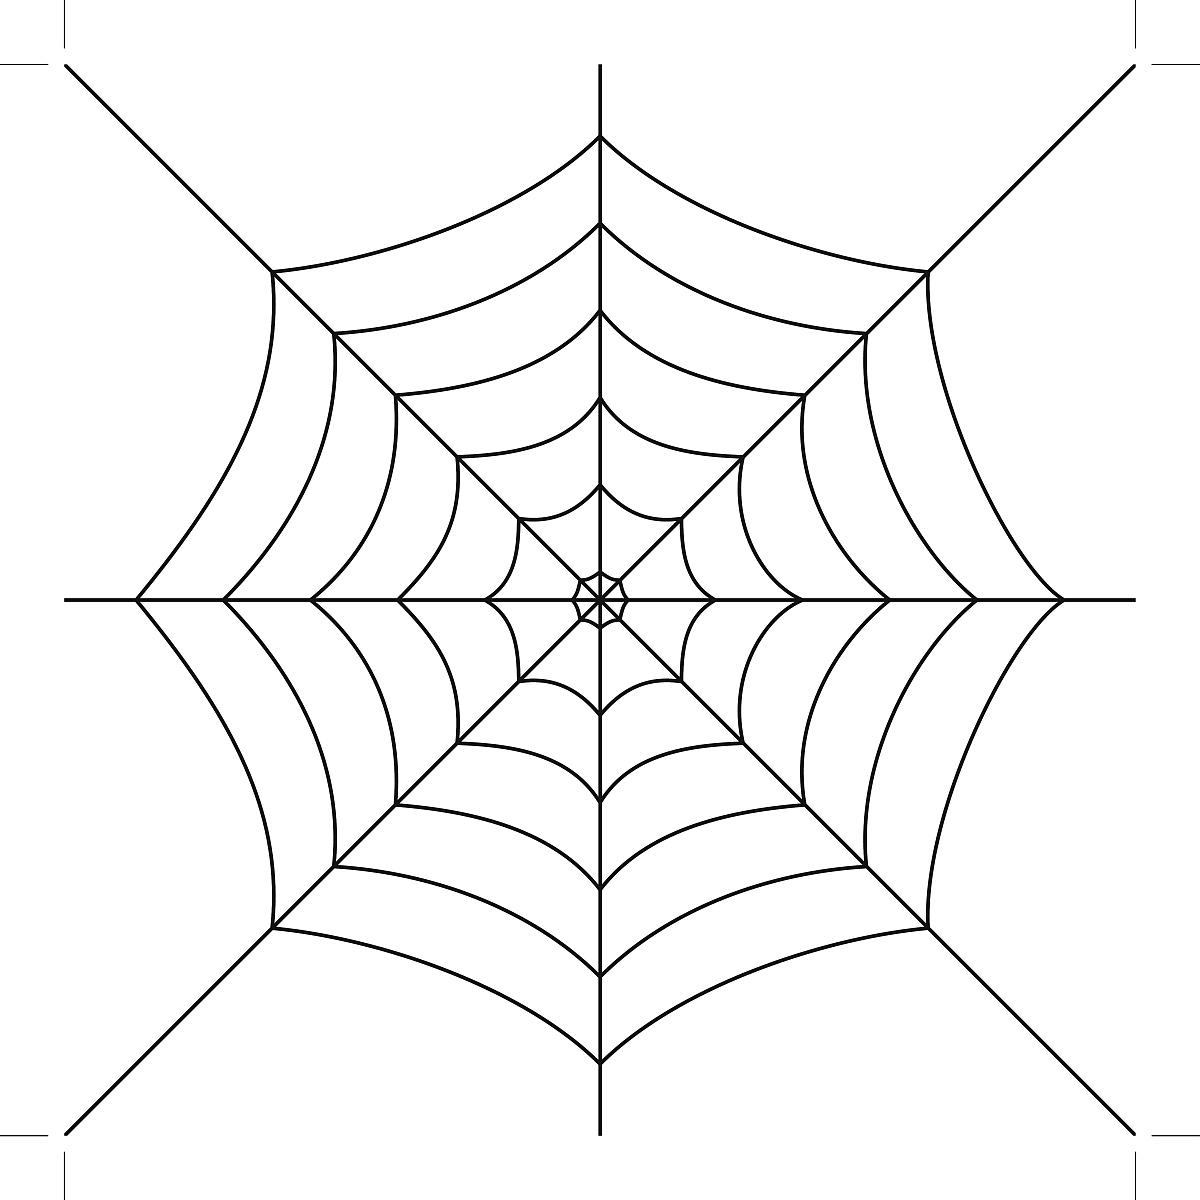 蜘蛛网膝盖纹身手稿分享展示图片